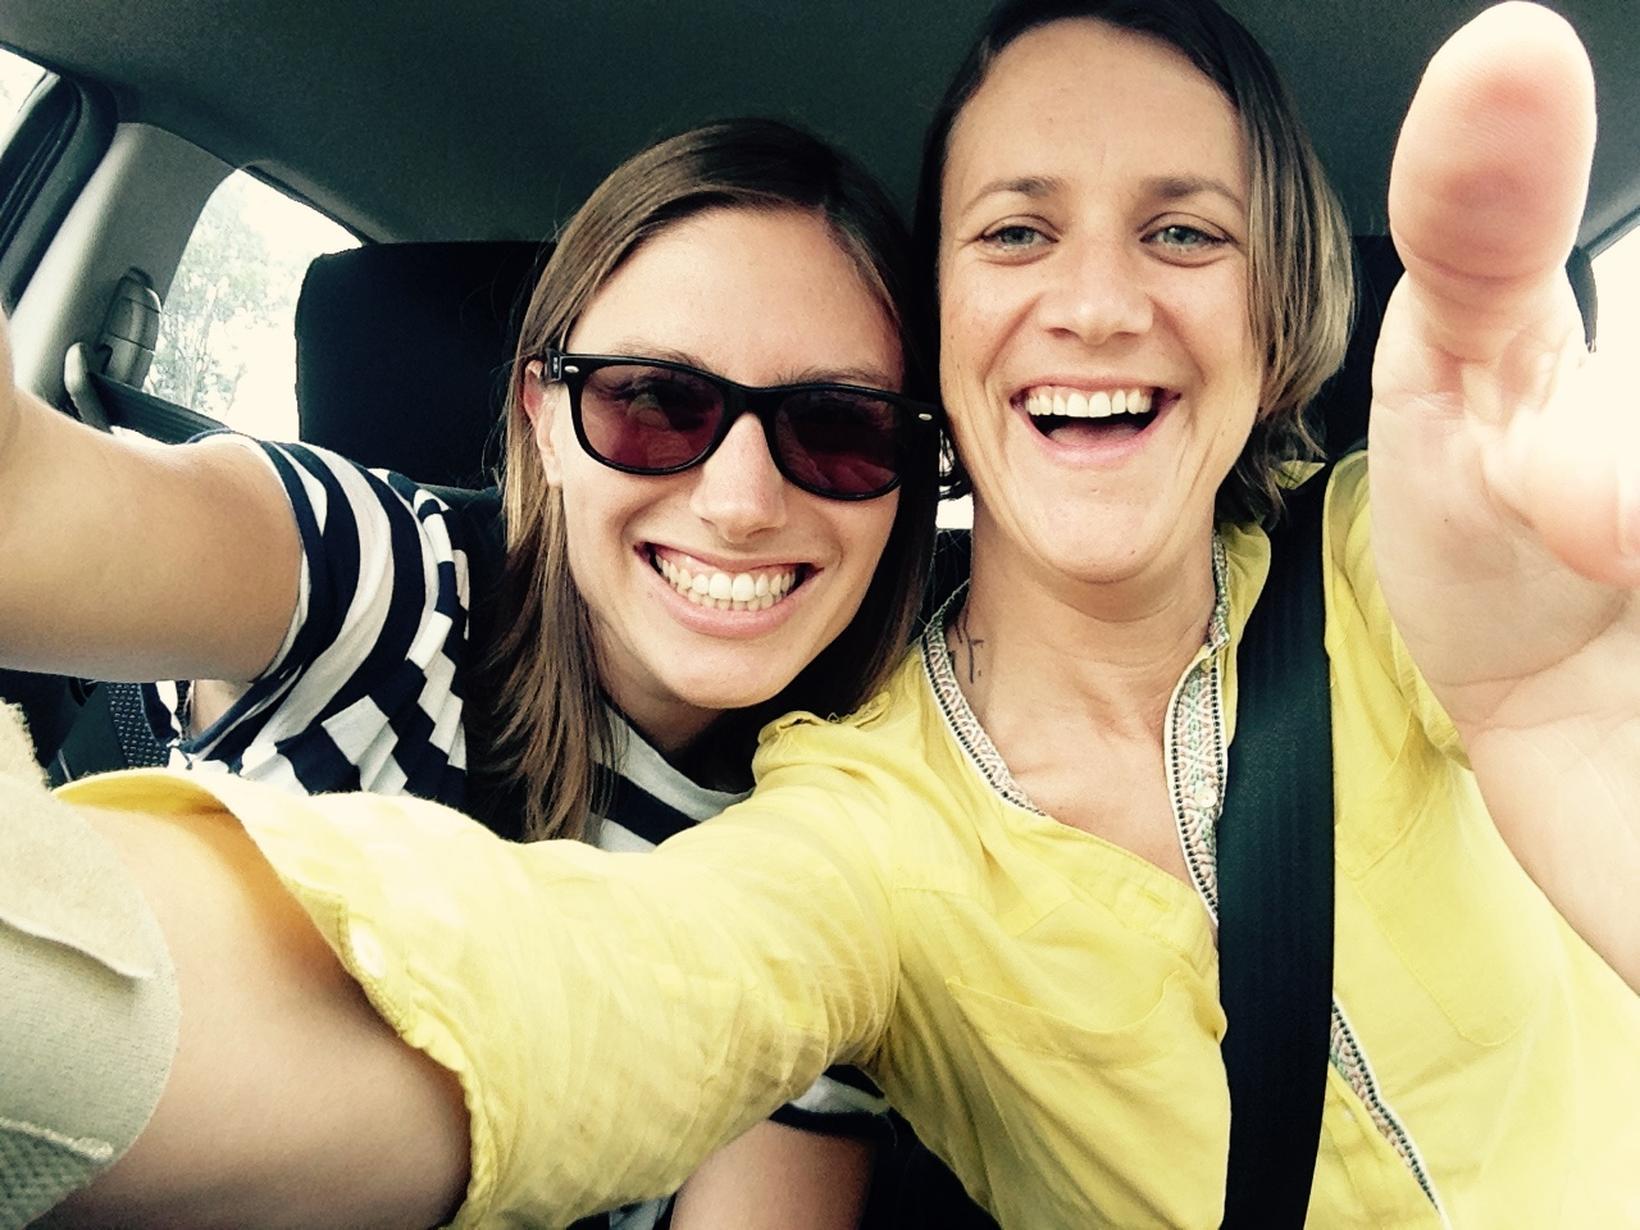 Leonie & Nicole from Sydney, New South Wales, Australia